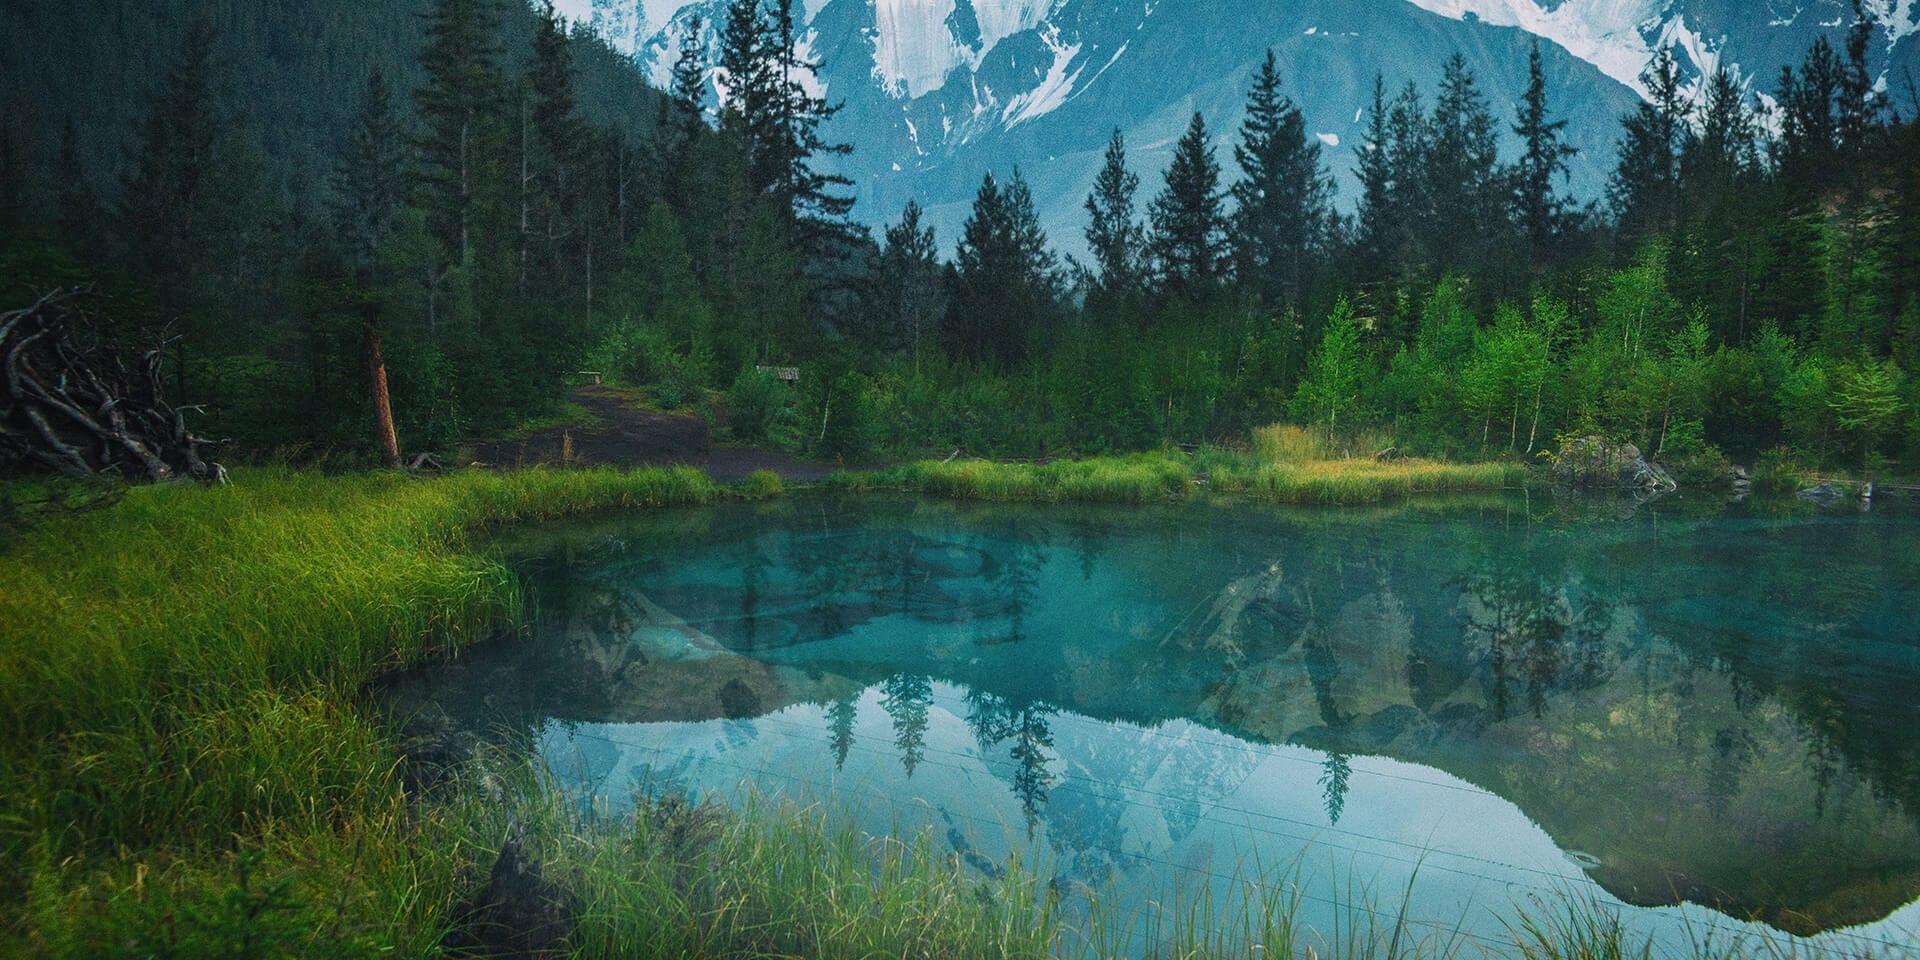 В центре фотографии находится озеро с прозрачно-голубой водой. Озеро окружено невысокими горными деревьями и травой. На заднем фоне возвышаются массивные горы, покрытые снегом. На гладкой поверхности озера отражаюся деревья и горы.